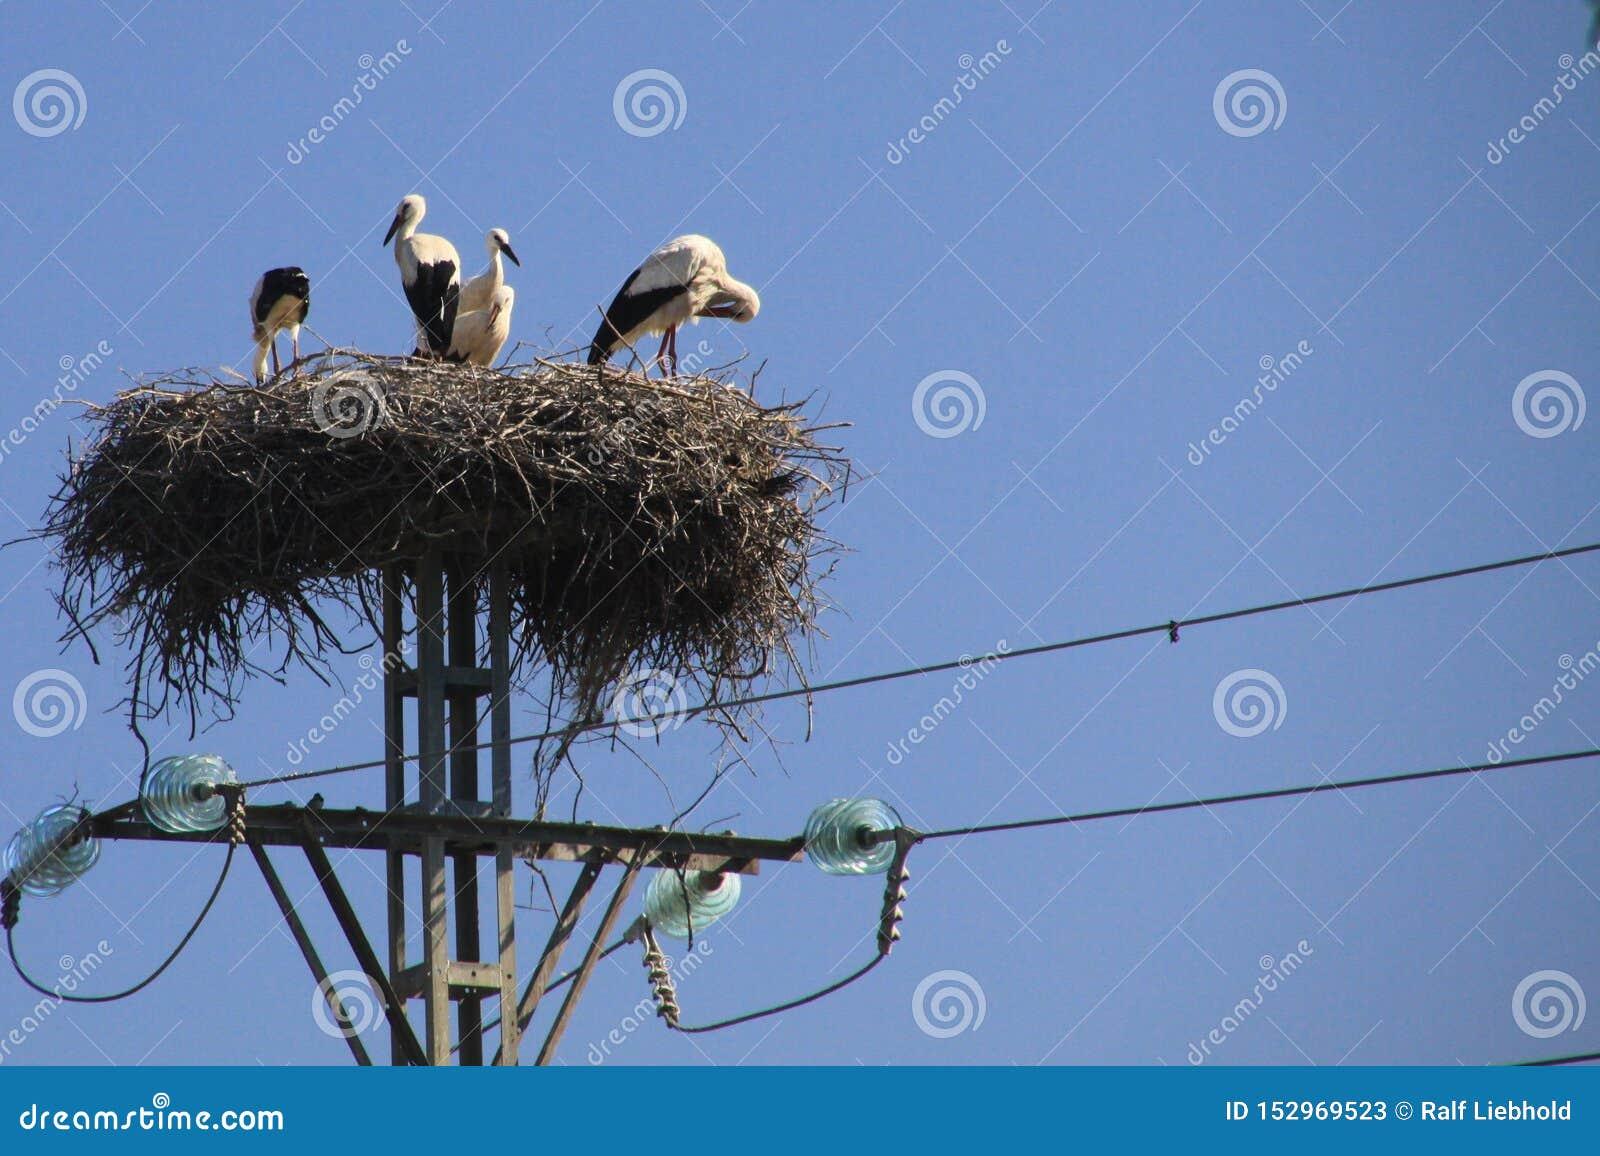 Famiglia della cicogna che vive nel nido sul palo elettrico contro il cielo blu in Andalusia, Spagna